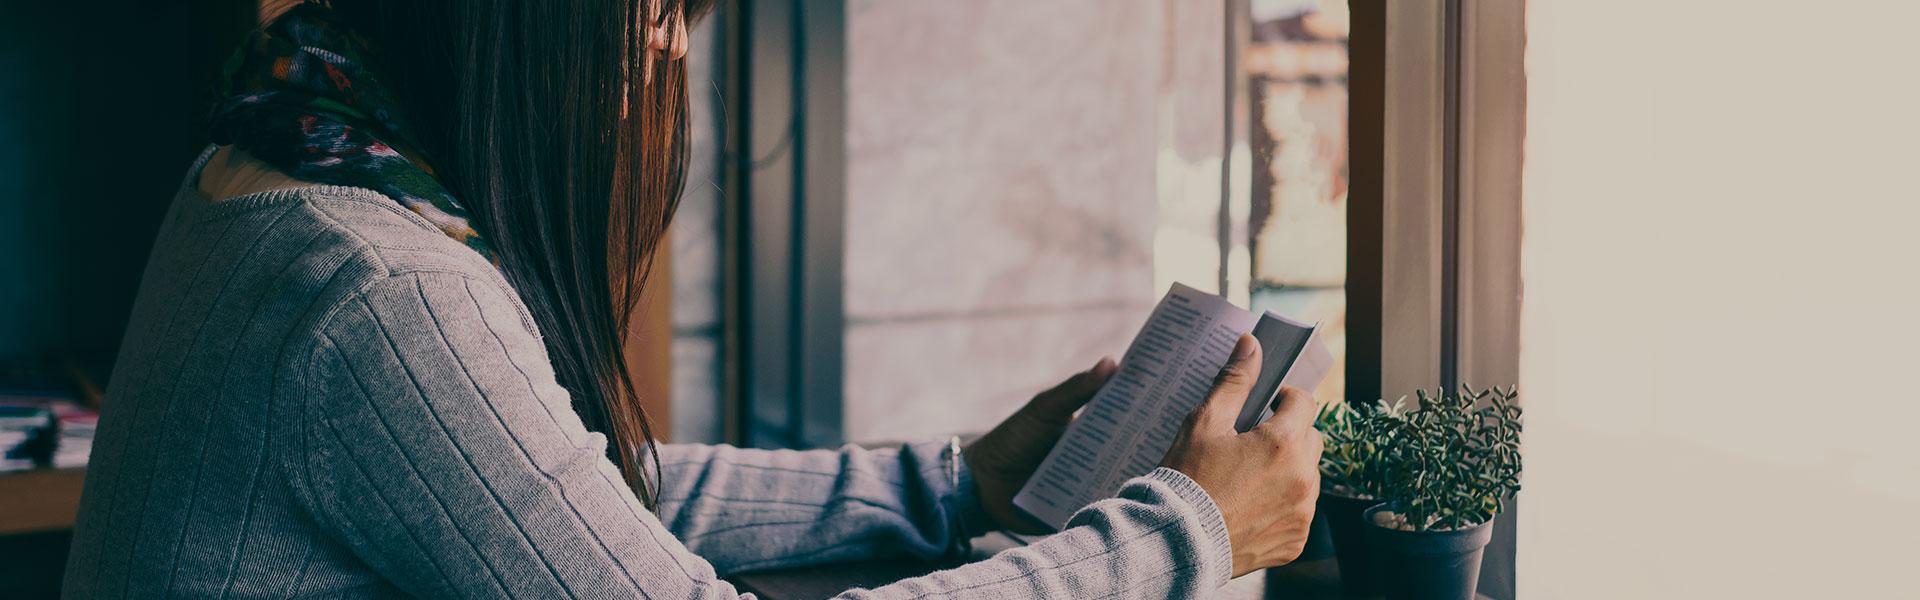 Por que é importante que as mulheres tenham conhecimento bíblico?